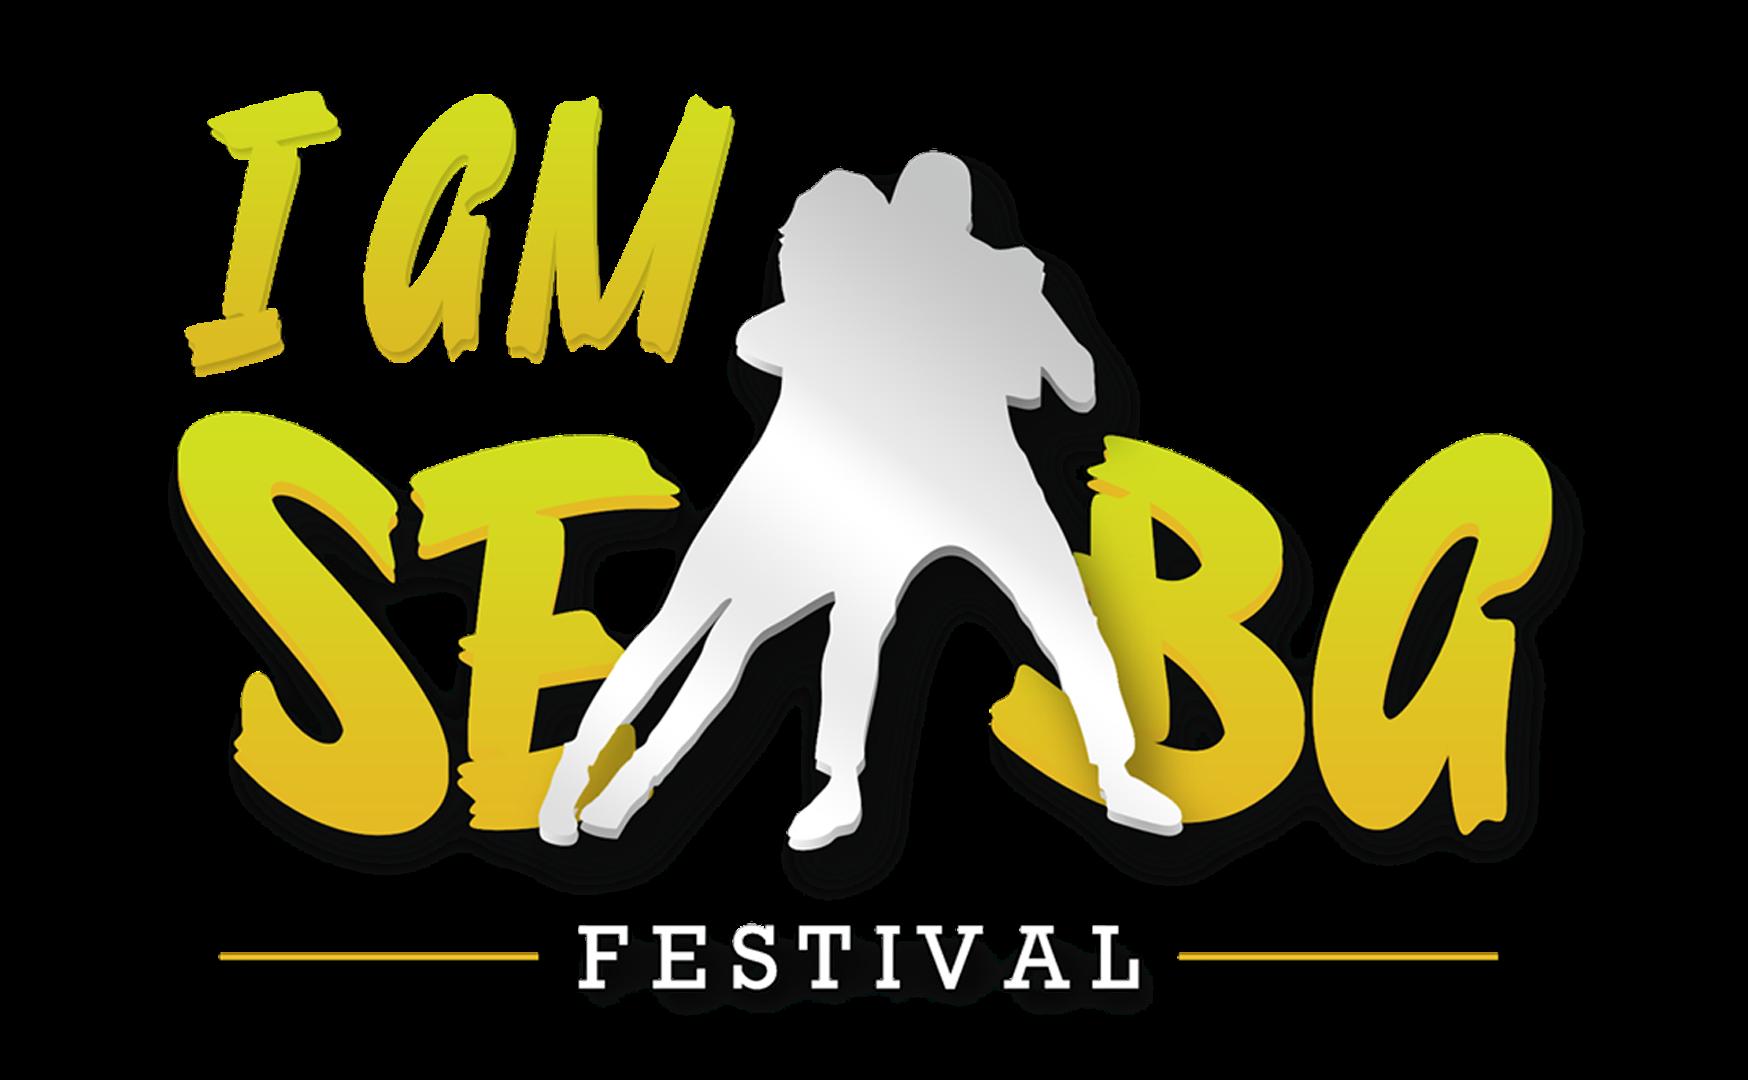 I AM SEMBA 2018 Festival Review